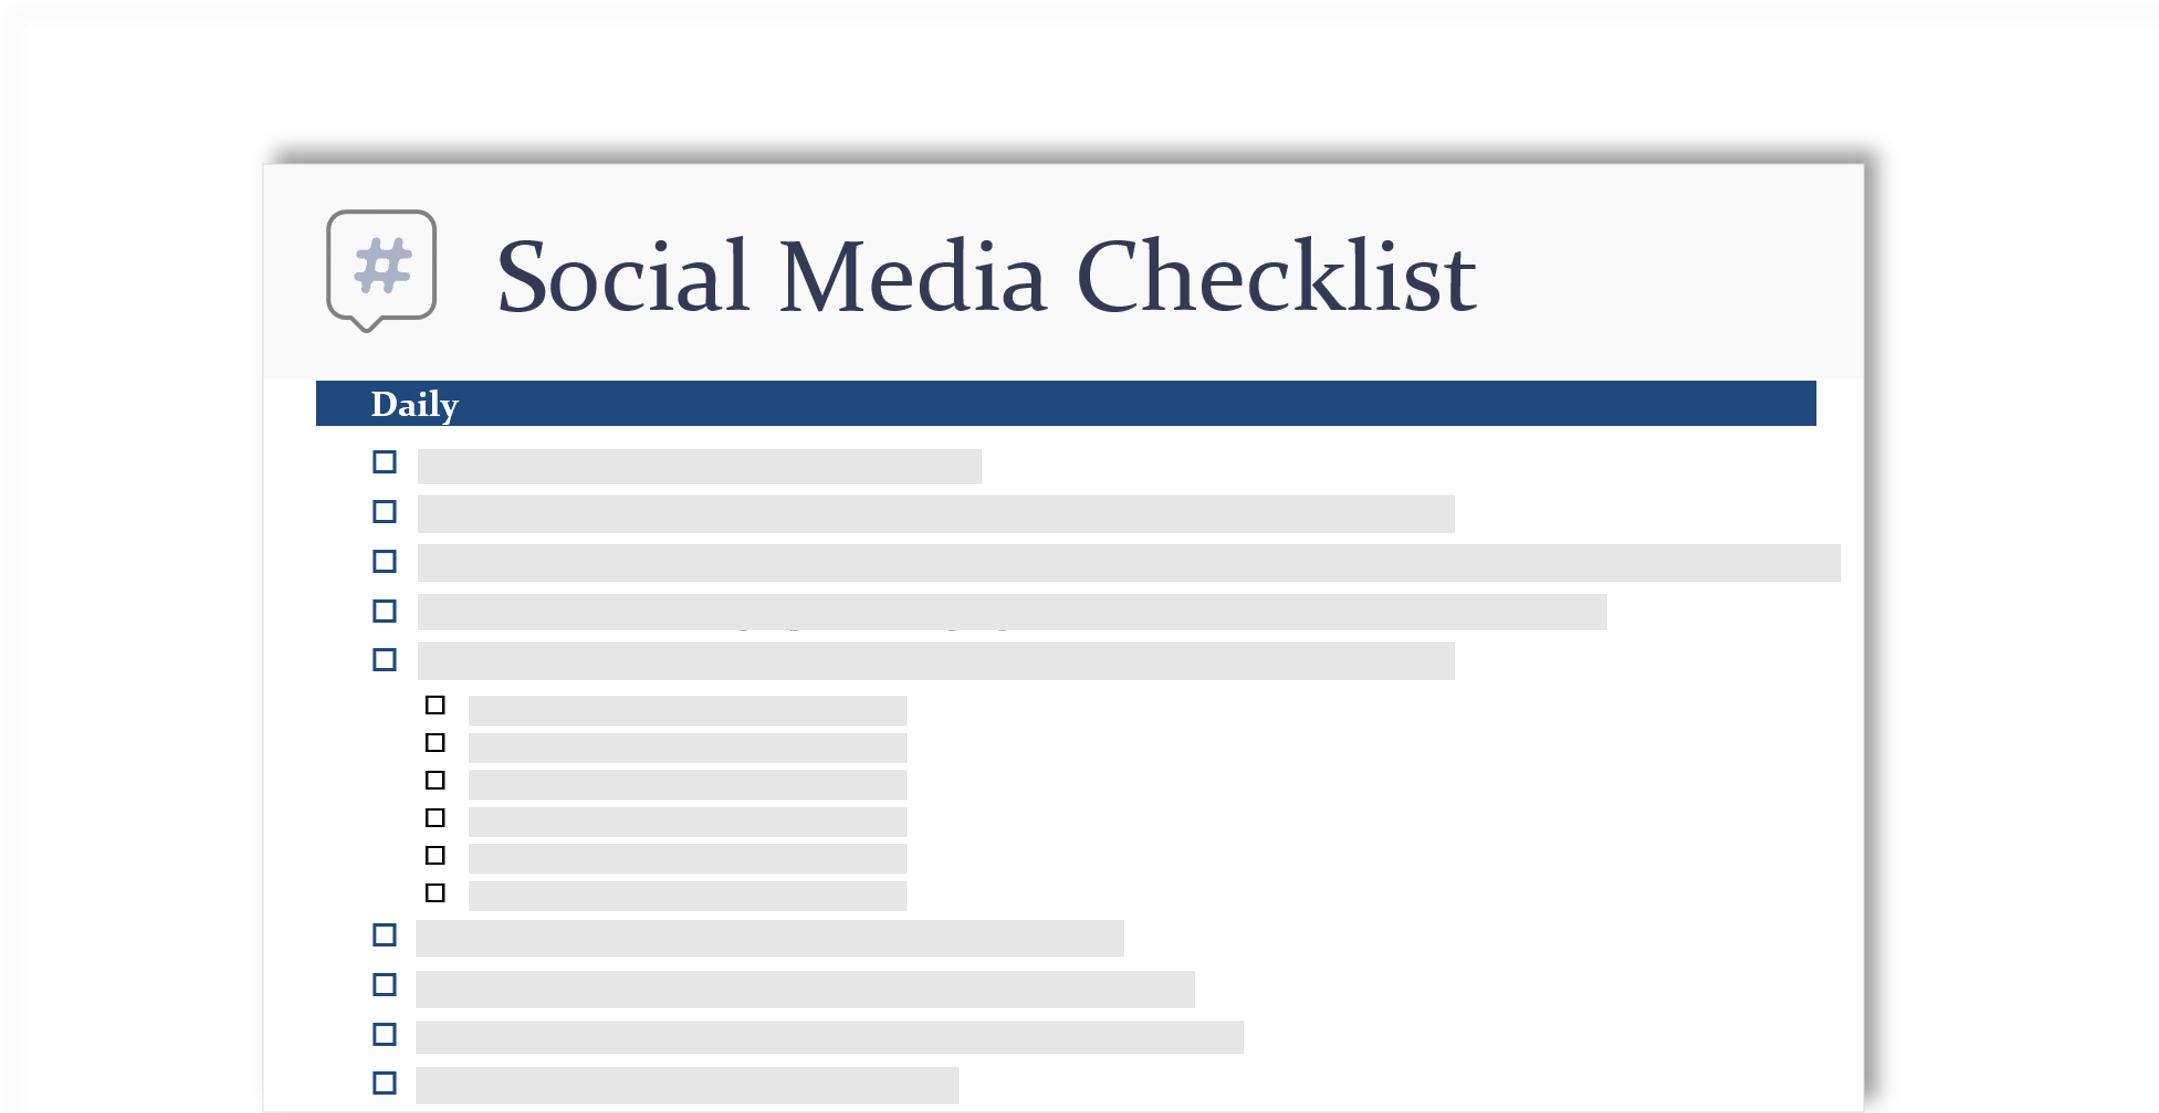 Konzeptionelle Darstellung einer Checkliste für soziale Medien